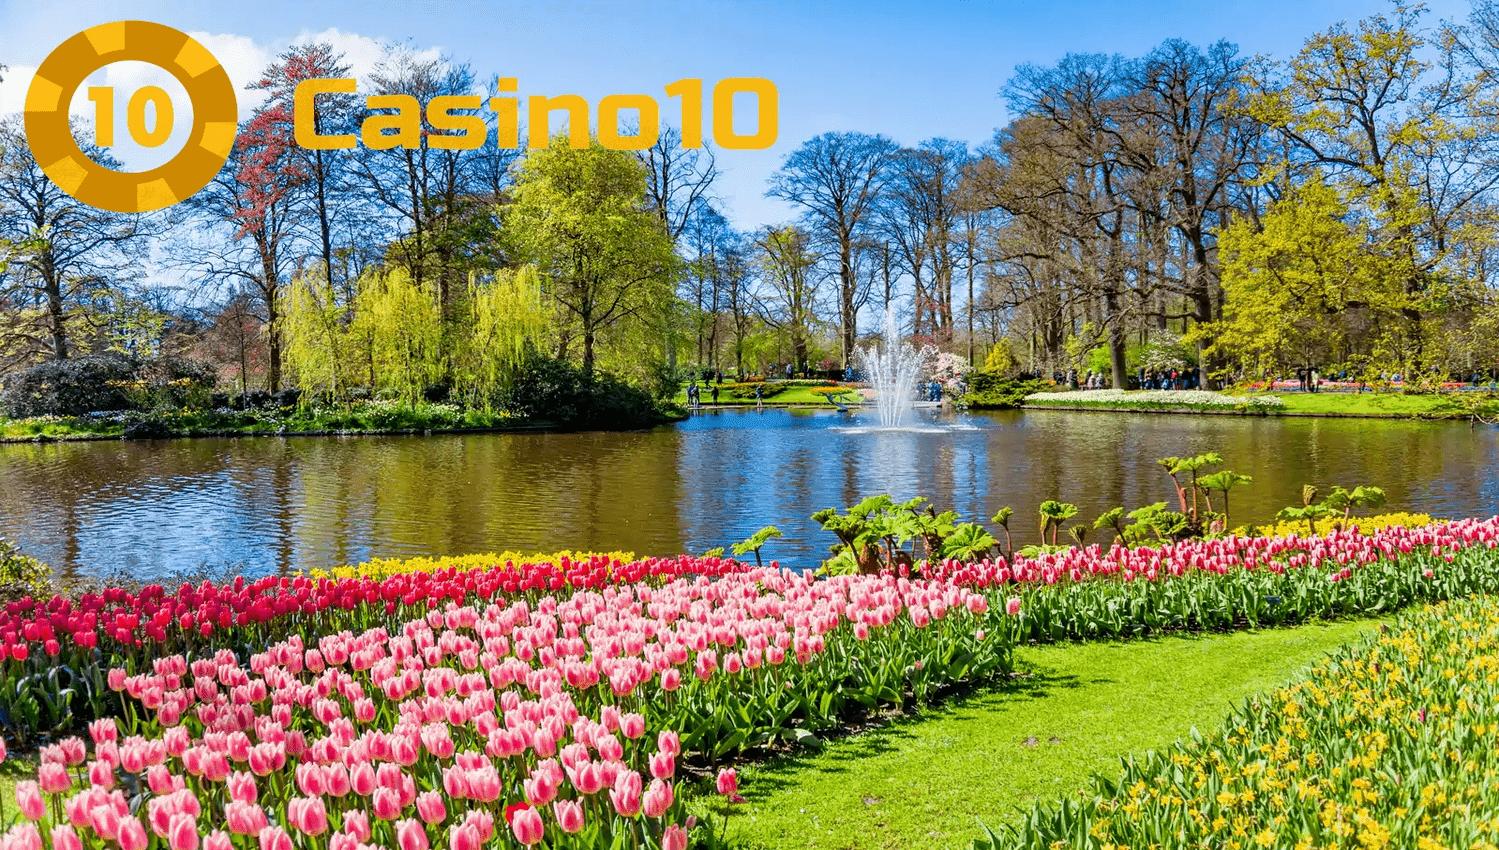 De meest populaire festivals in Nederland